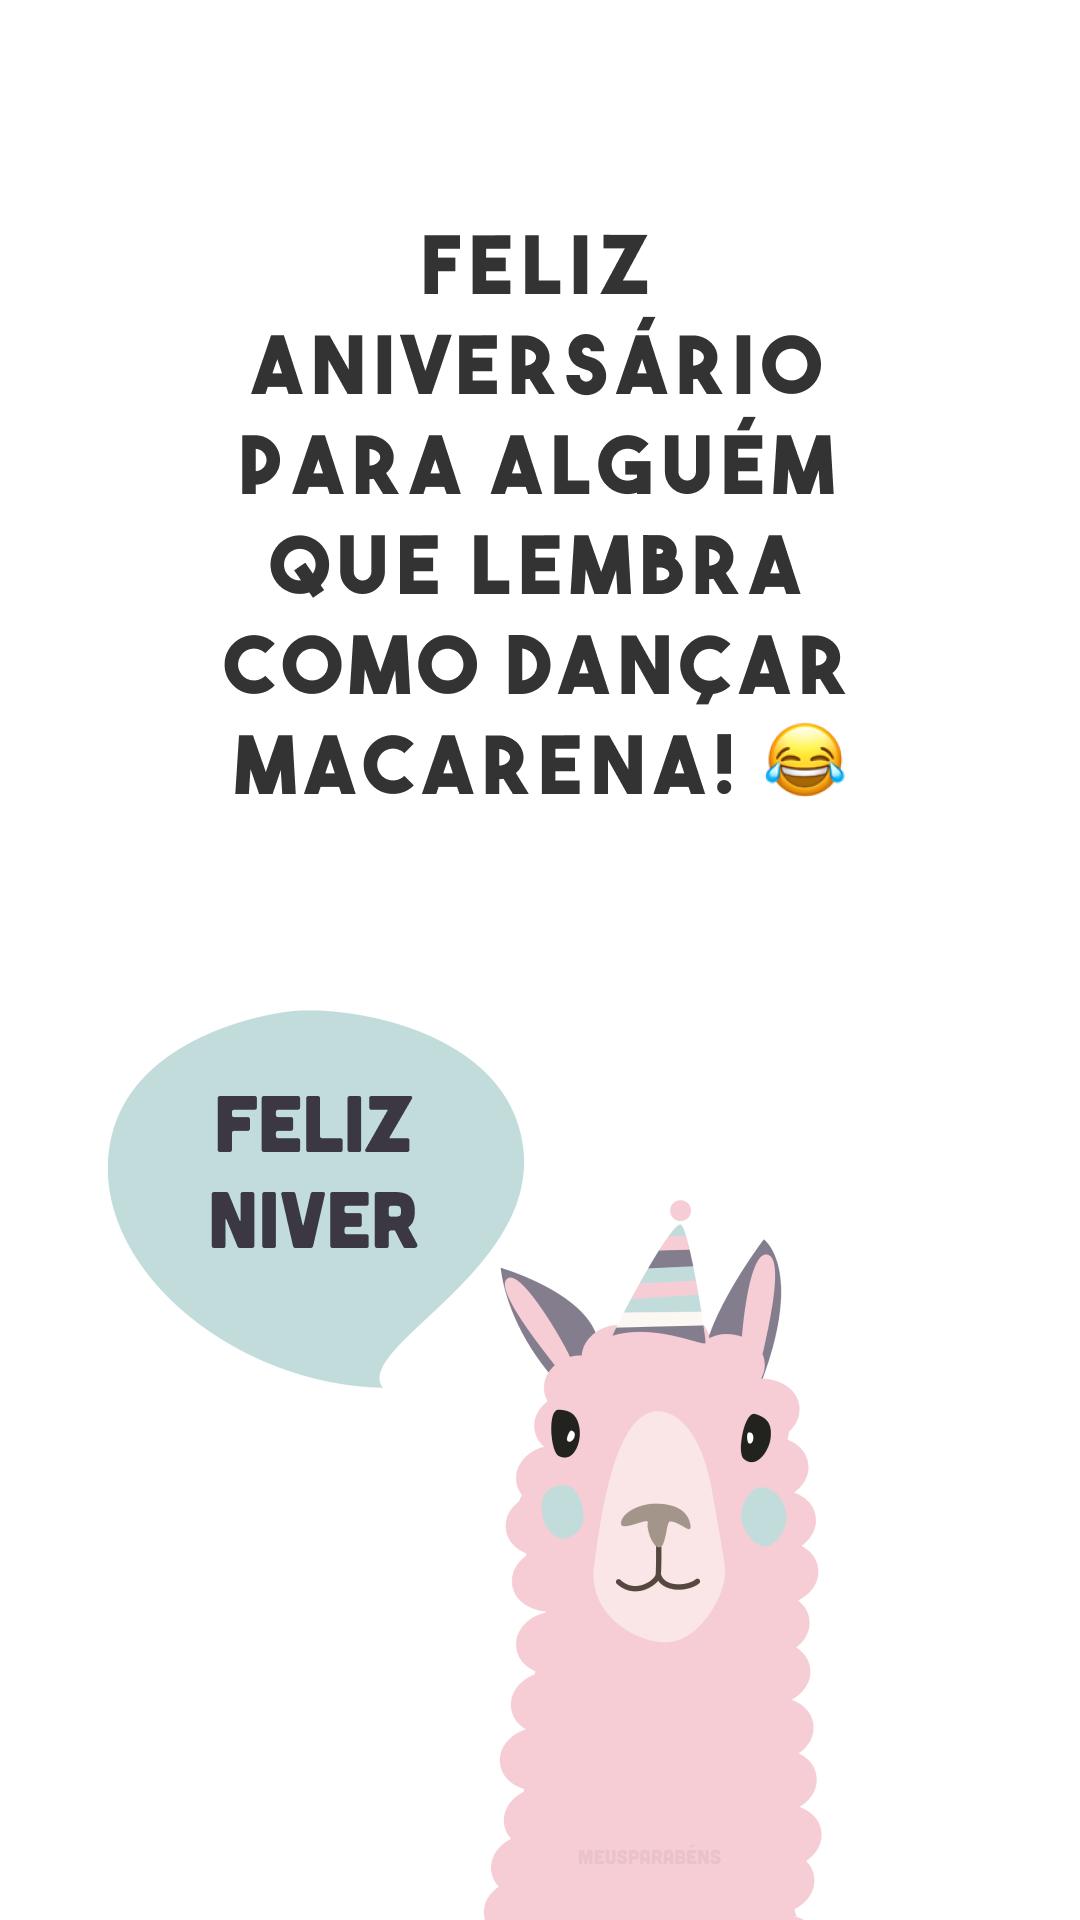 Feliz aniversário para alguém que lembra como dançar macarena! 😂